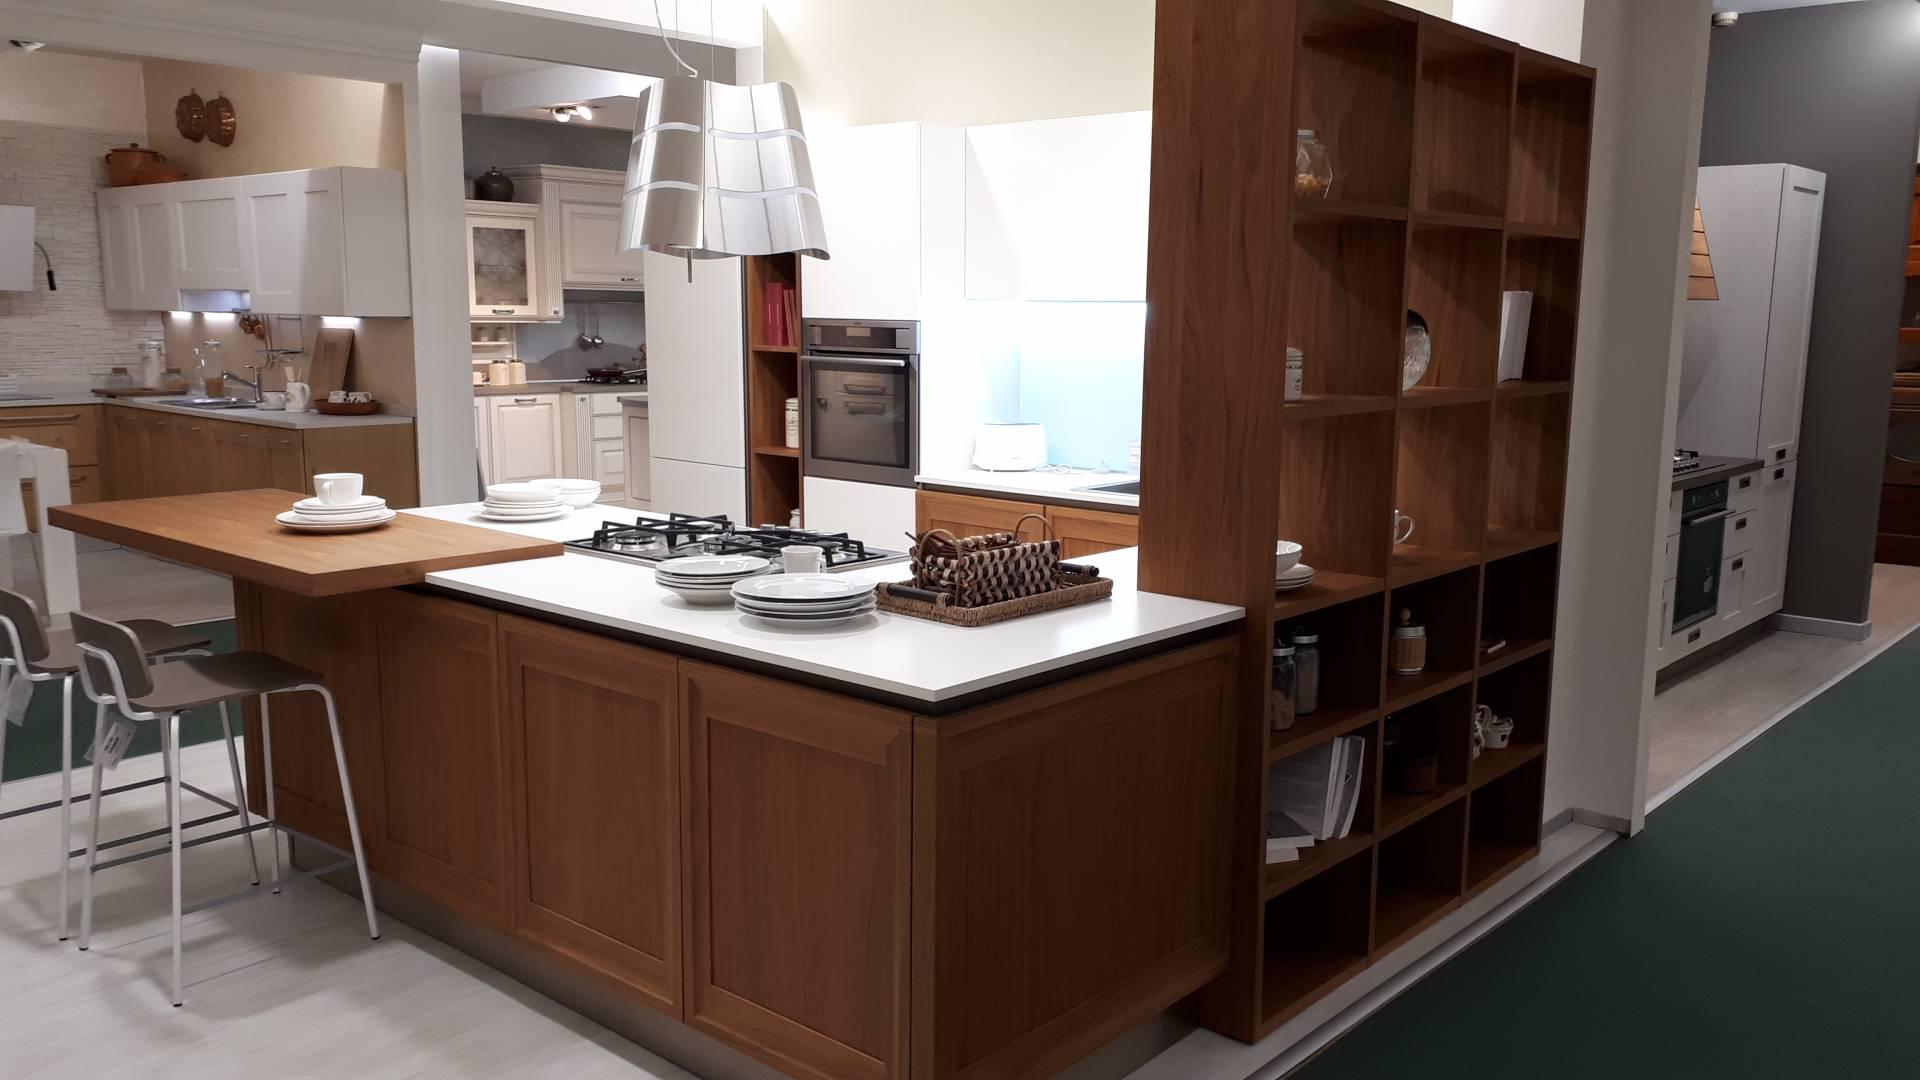 Cucina artemisia oyster in offerta al centro negri arredamento for Centro negri arredamenti